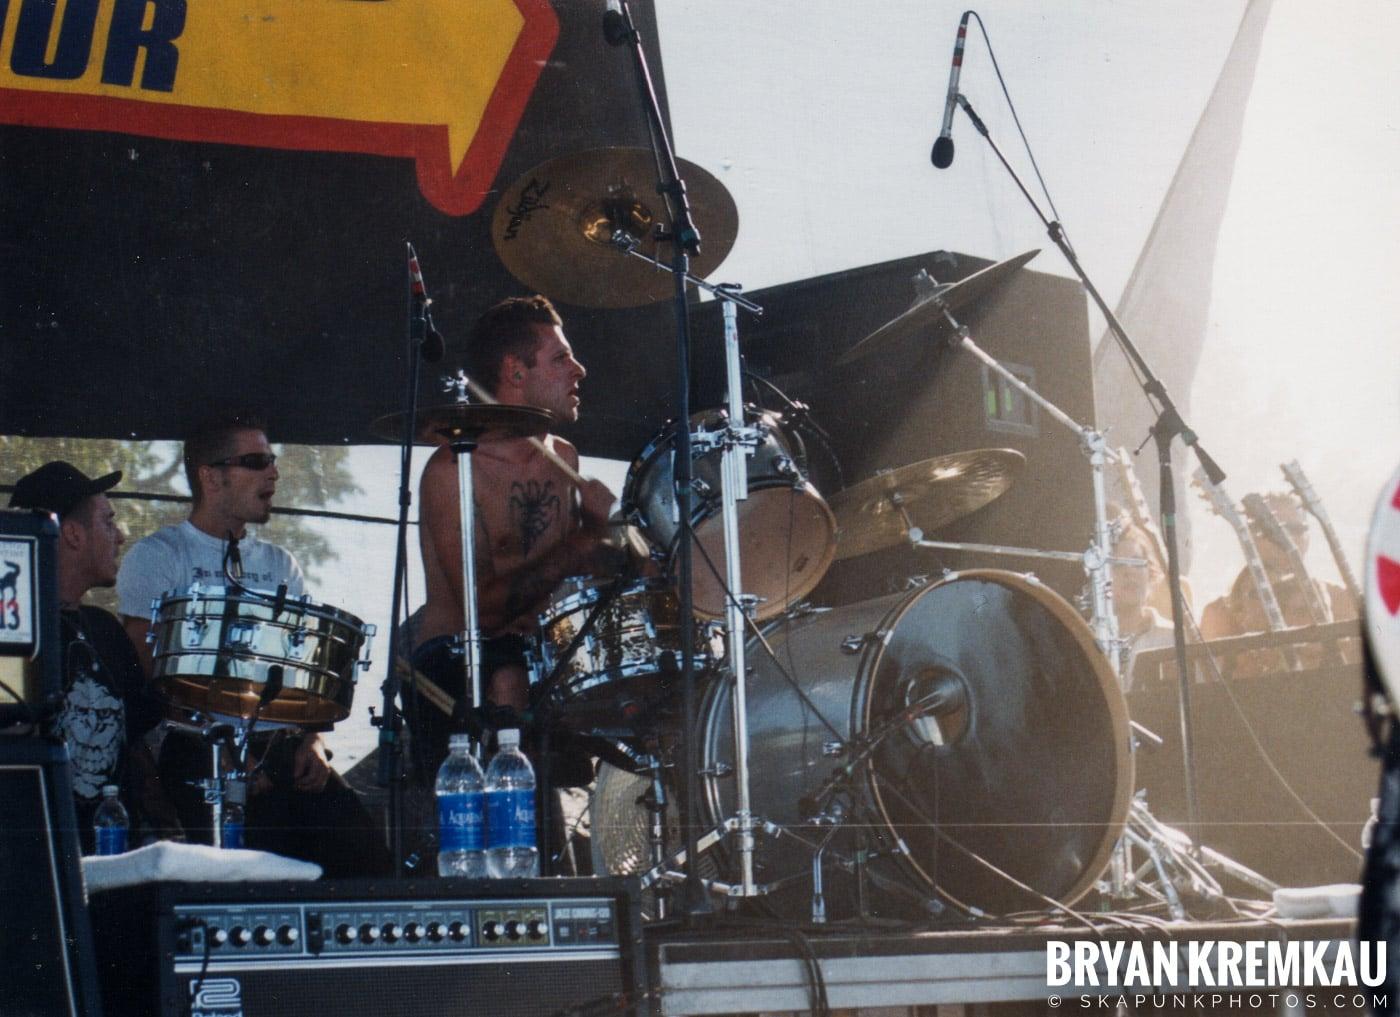 Rancid @ Vans Warped Tour, Randall's Island, NYC - 8.1.98 (11)